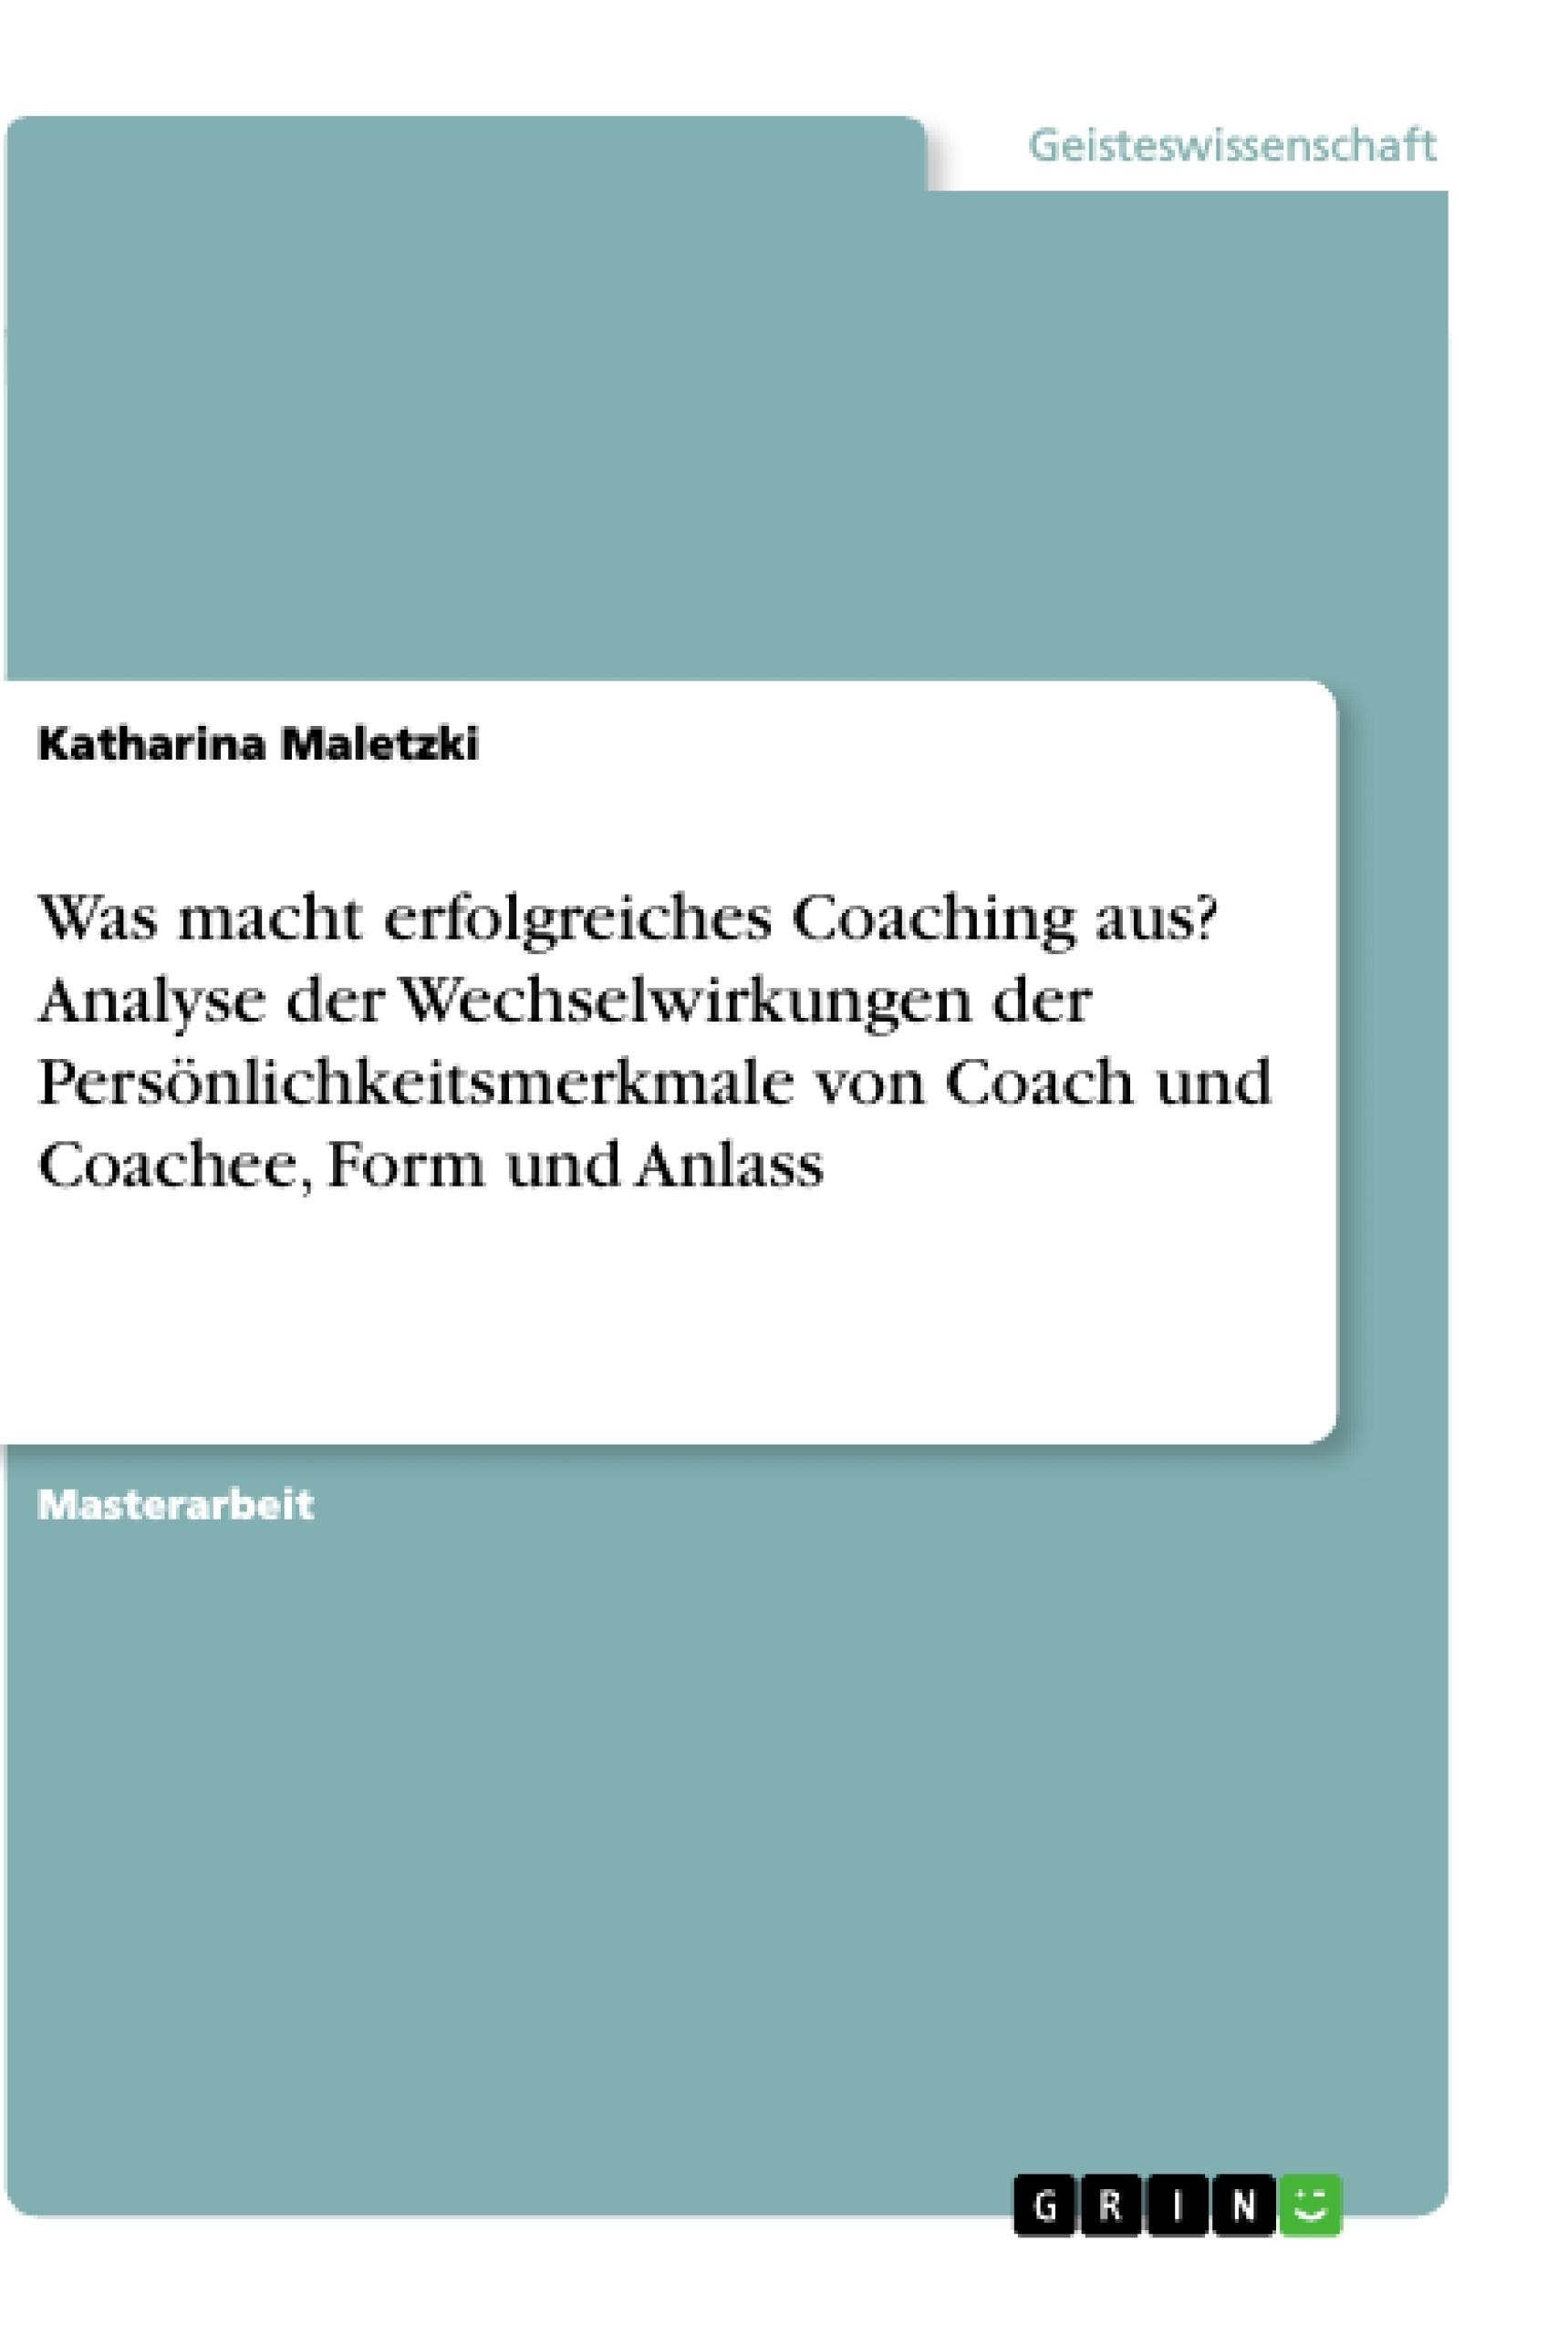 Titel: Was macht erfolgreiches Coaching aus? Analyse der Wechselwirkungen der Persönlichkeitsmerkmale von Coach und Coachee, Form und Anlass